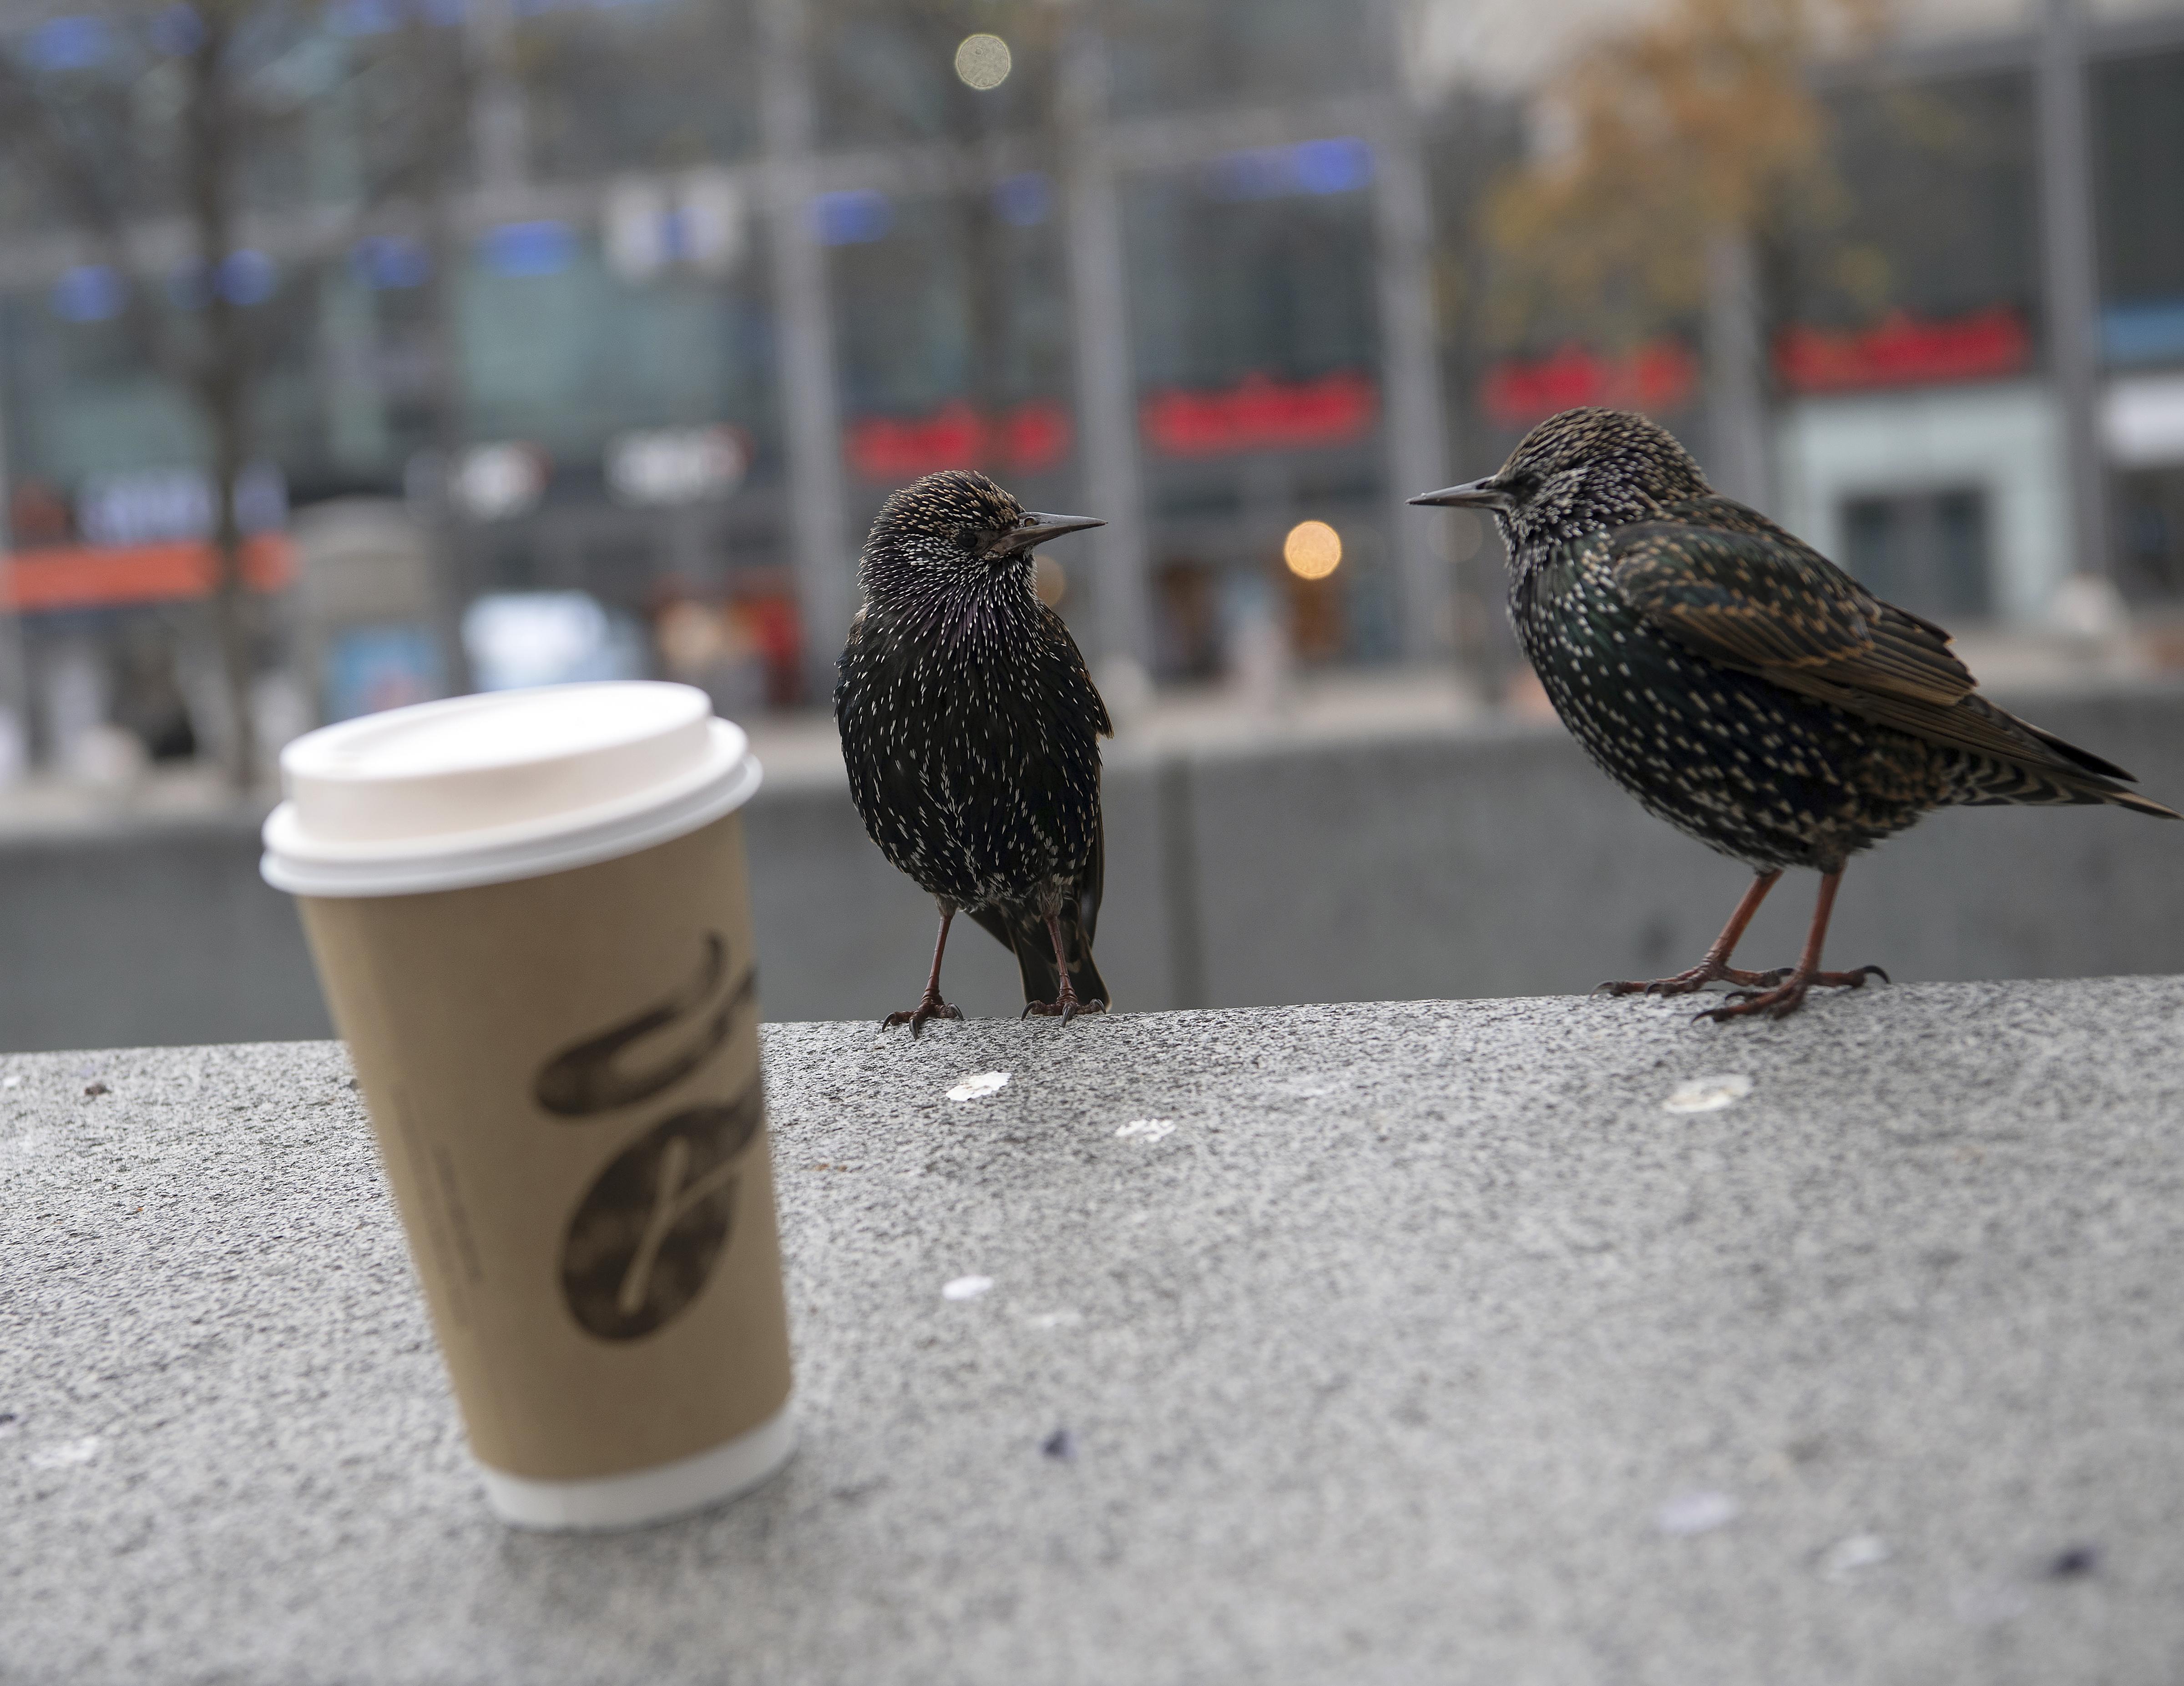 A cseh kormány betiltotta az elviteles kávét a járvány miatt